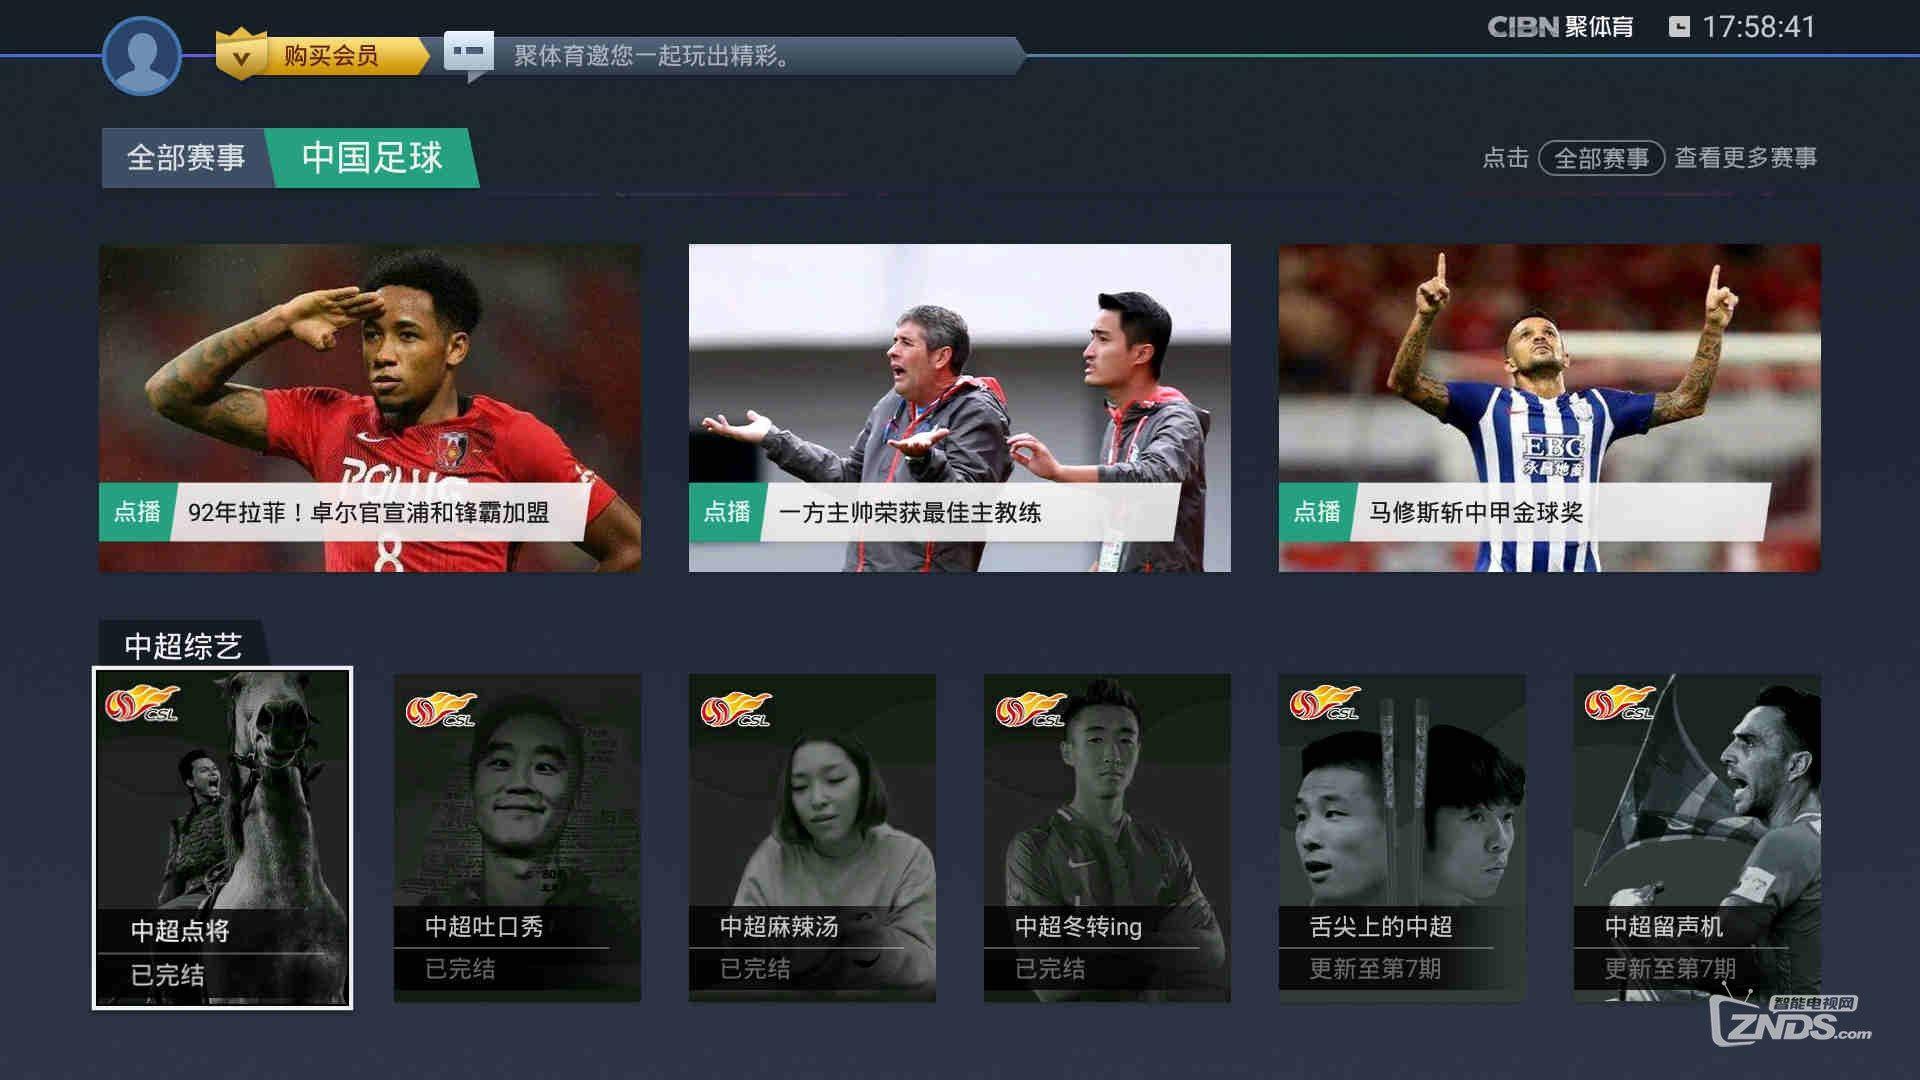 影视快搜更新:接入PPTV内容,新增体育栏目,满足赛事需求